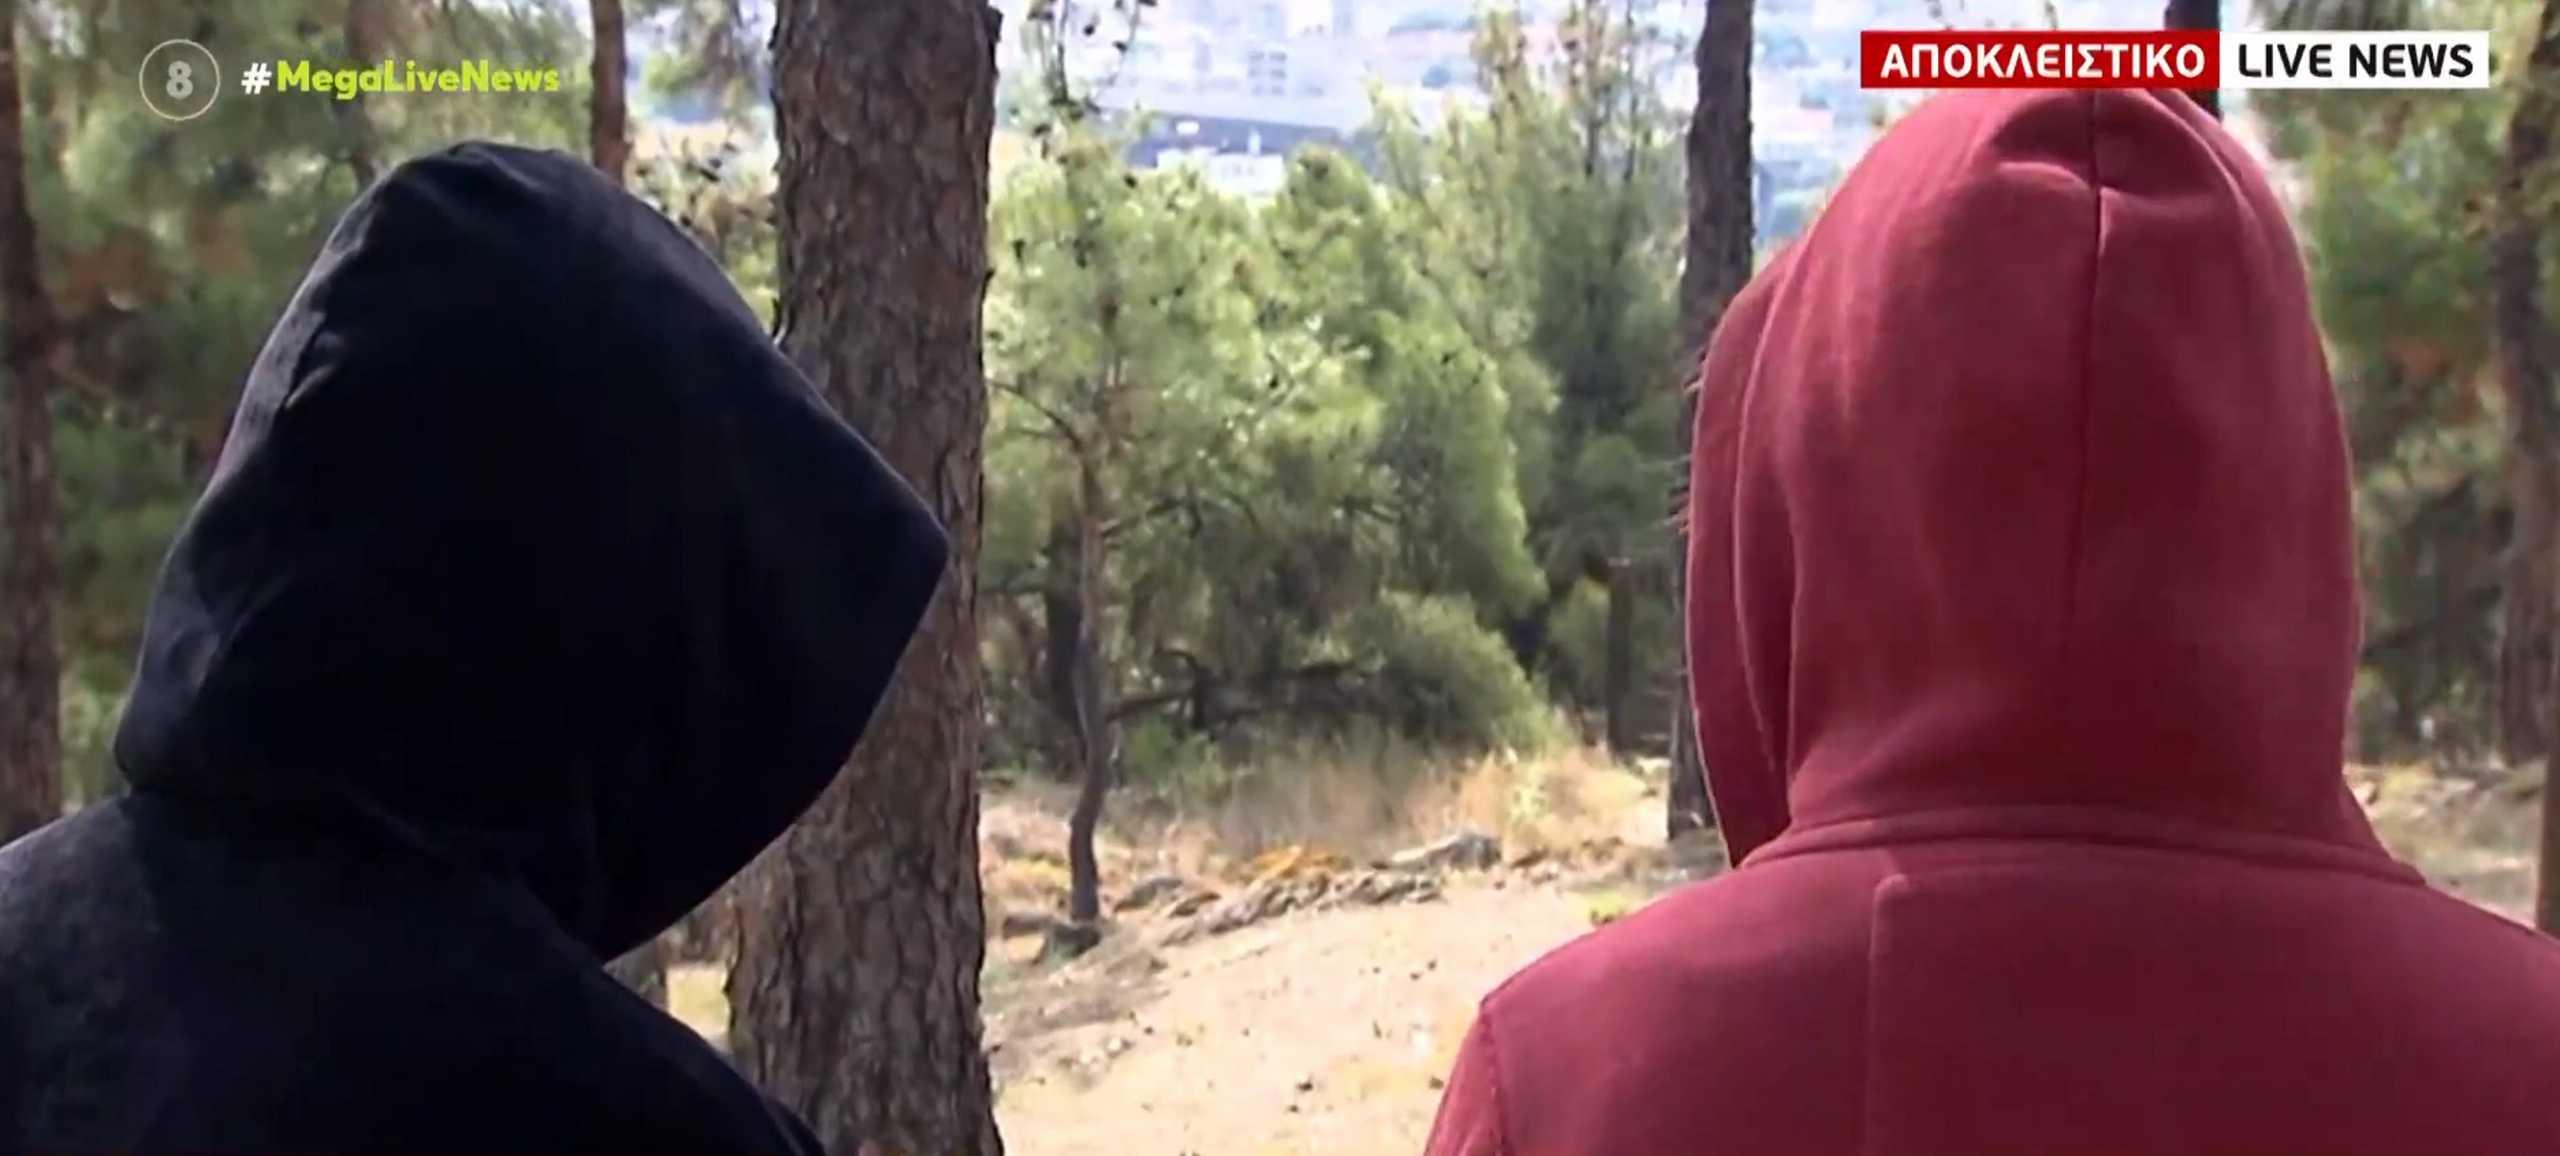 Θεσσαλονίκη: Νέες καταγγελίες από τις δύο αδερφές στο Live News – «Δεχόμαστε απειλές»